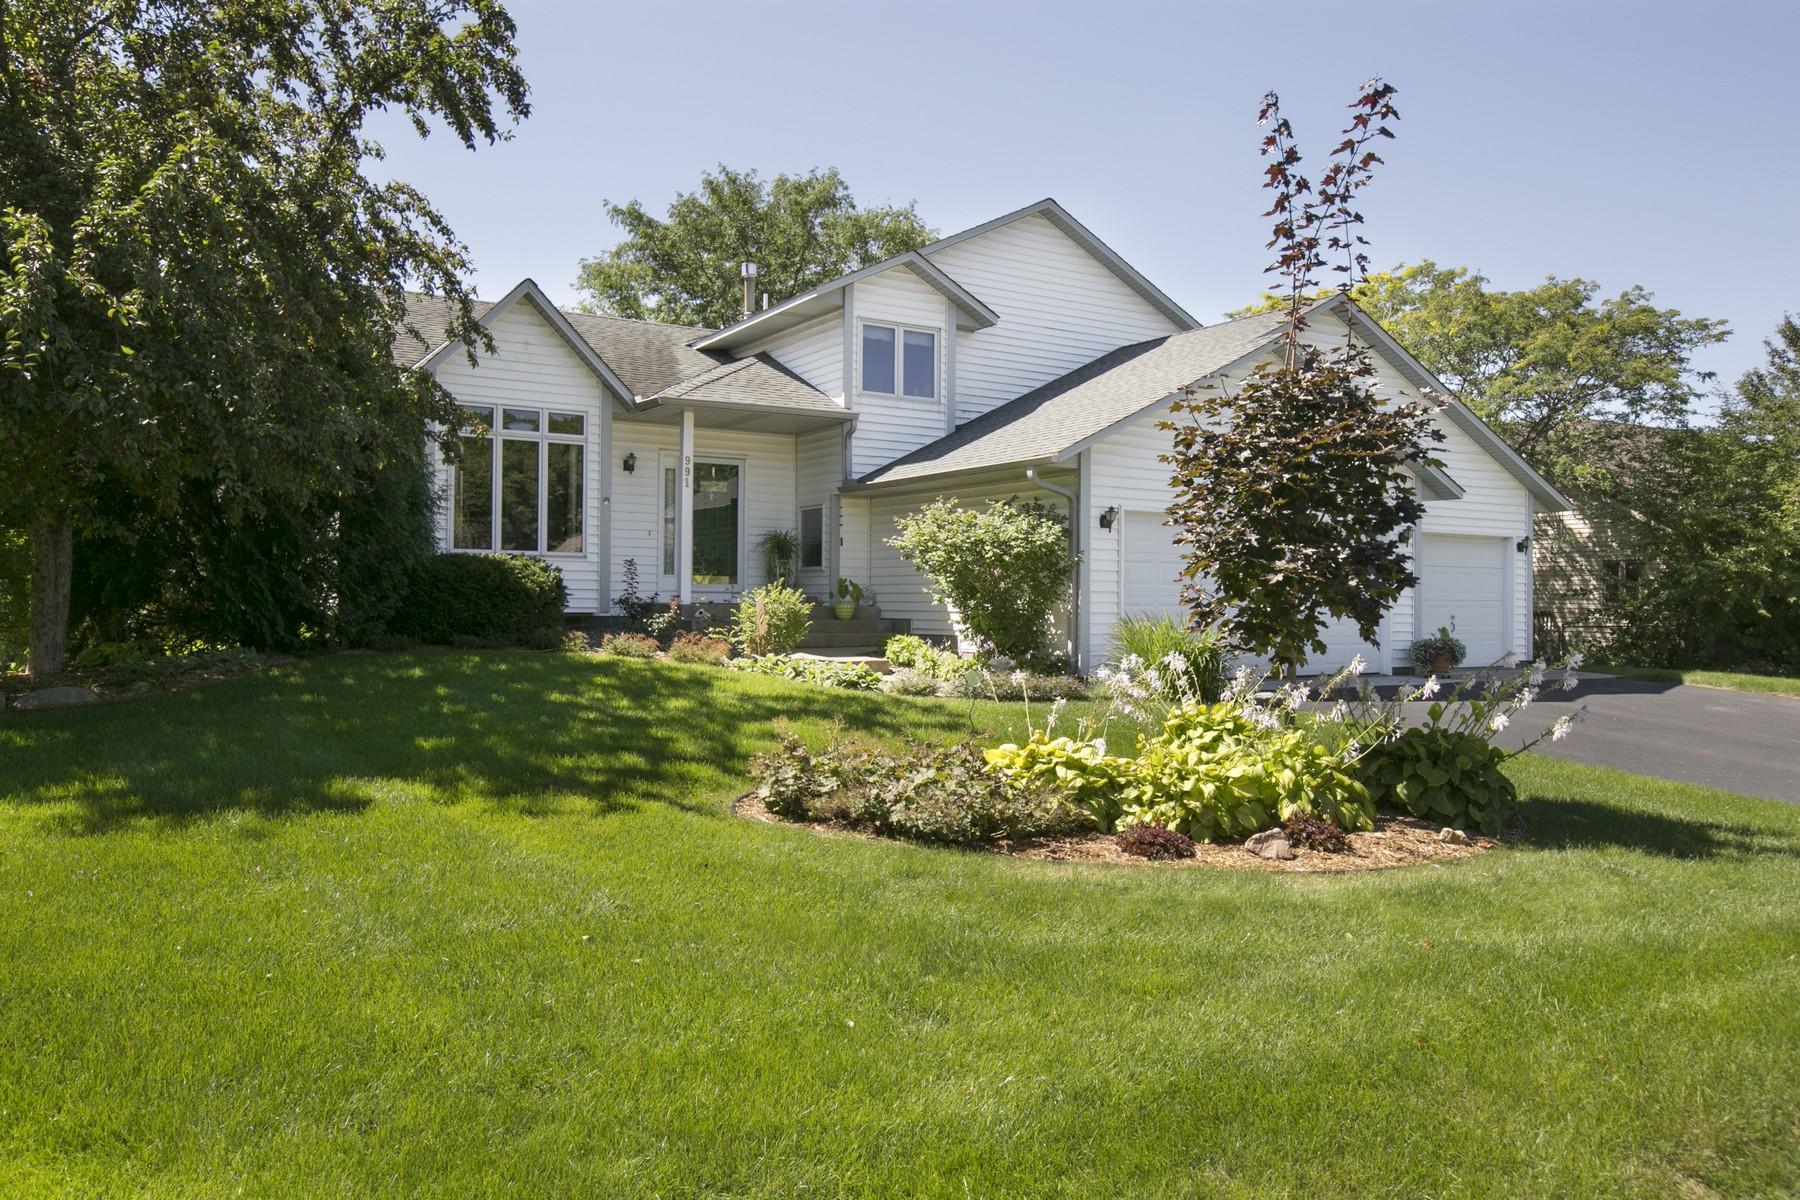 Maison unifamiliale pour l Vente à 991 Bluff Pass N Chaska, Minnesota 55318 États-Unis